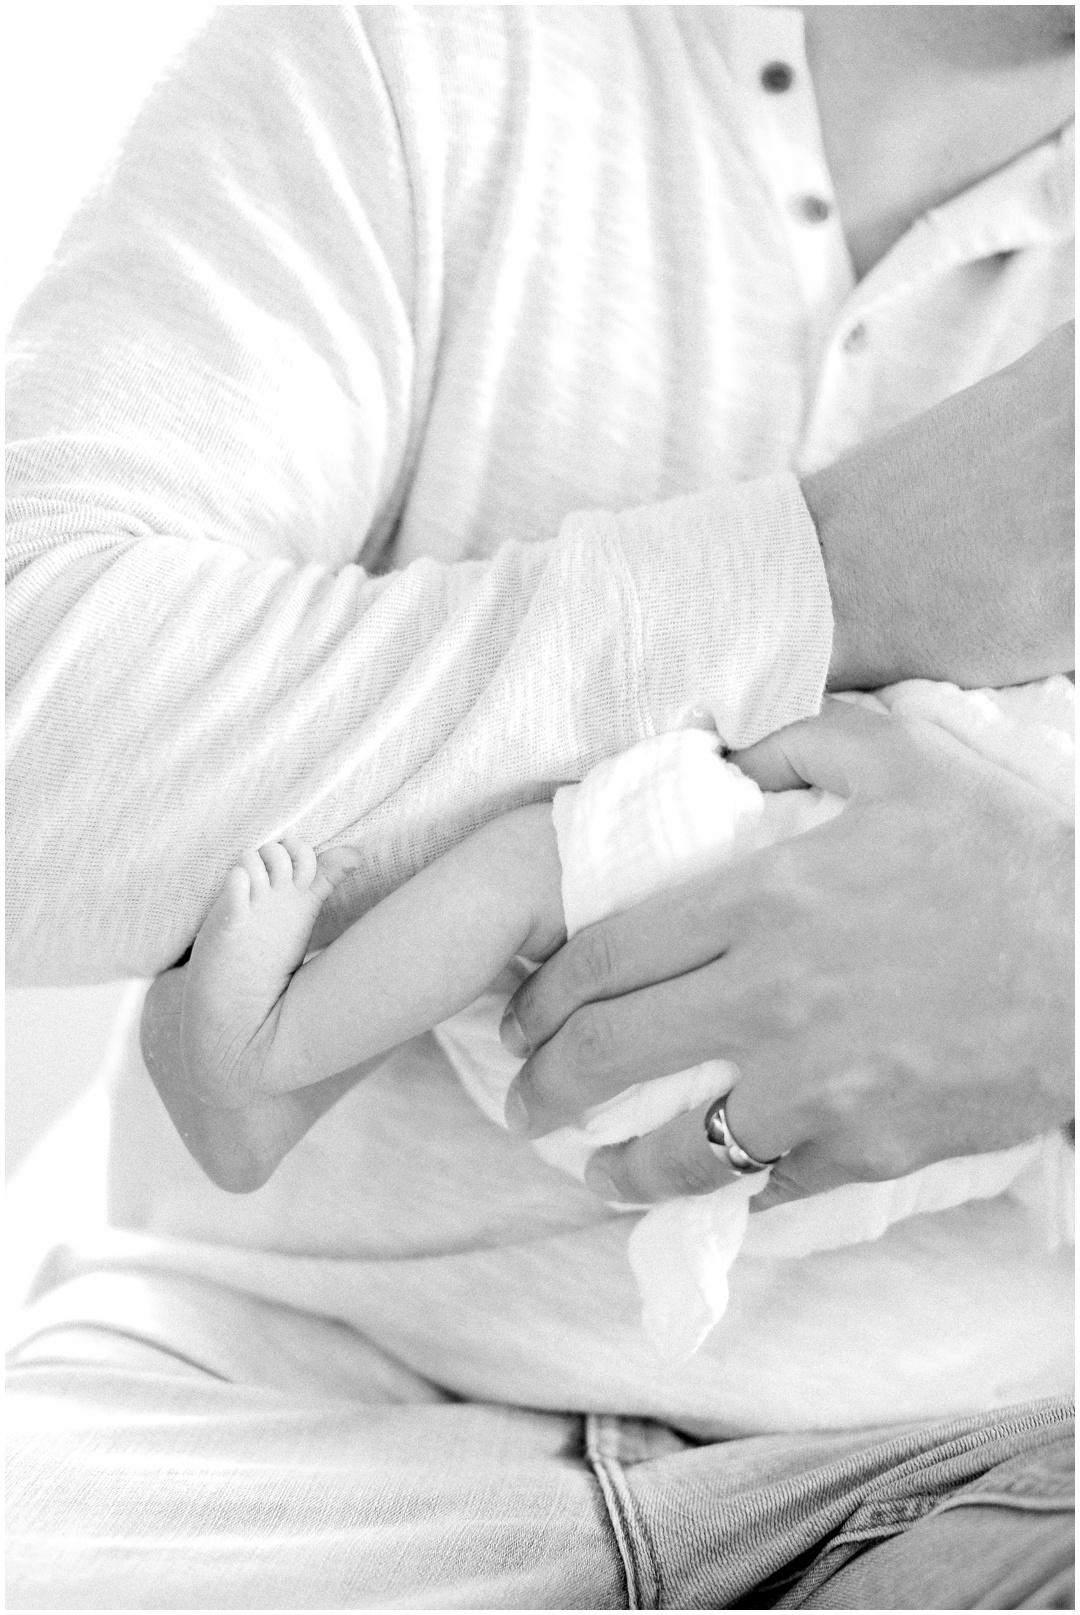 Newport_Beach_Newborn_Light_Airy_Natural_Photographer_Newport_Beach_Photographer_Orange_County_Family_Photographer_Cori_Kleckner_Photography_Huntington_Beach_Photographer_Family_OC_Newborn_Megan_Bradley_Schueneman_Charlie_Schueneman_Dean__3602.jpg